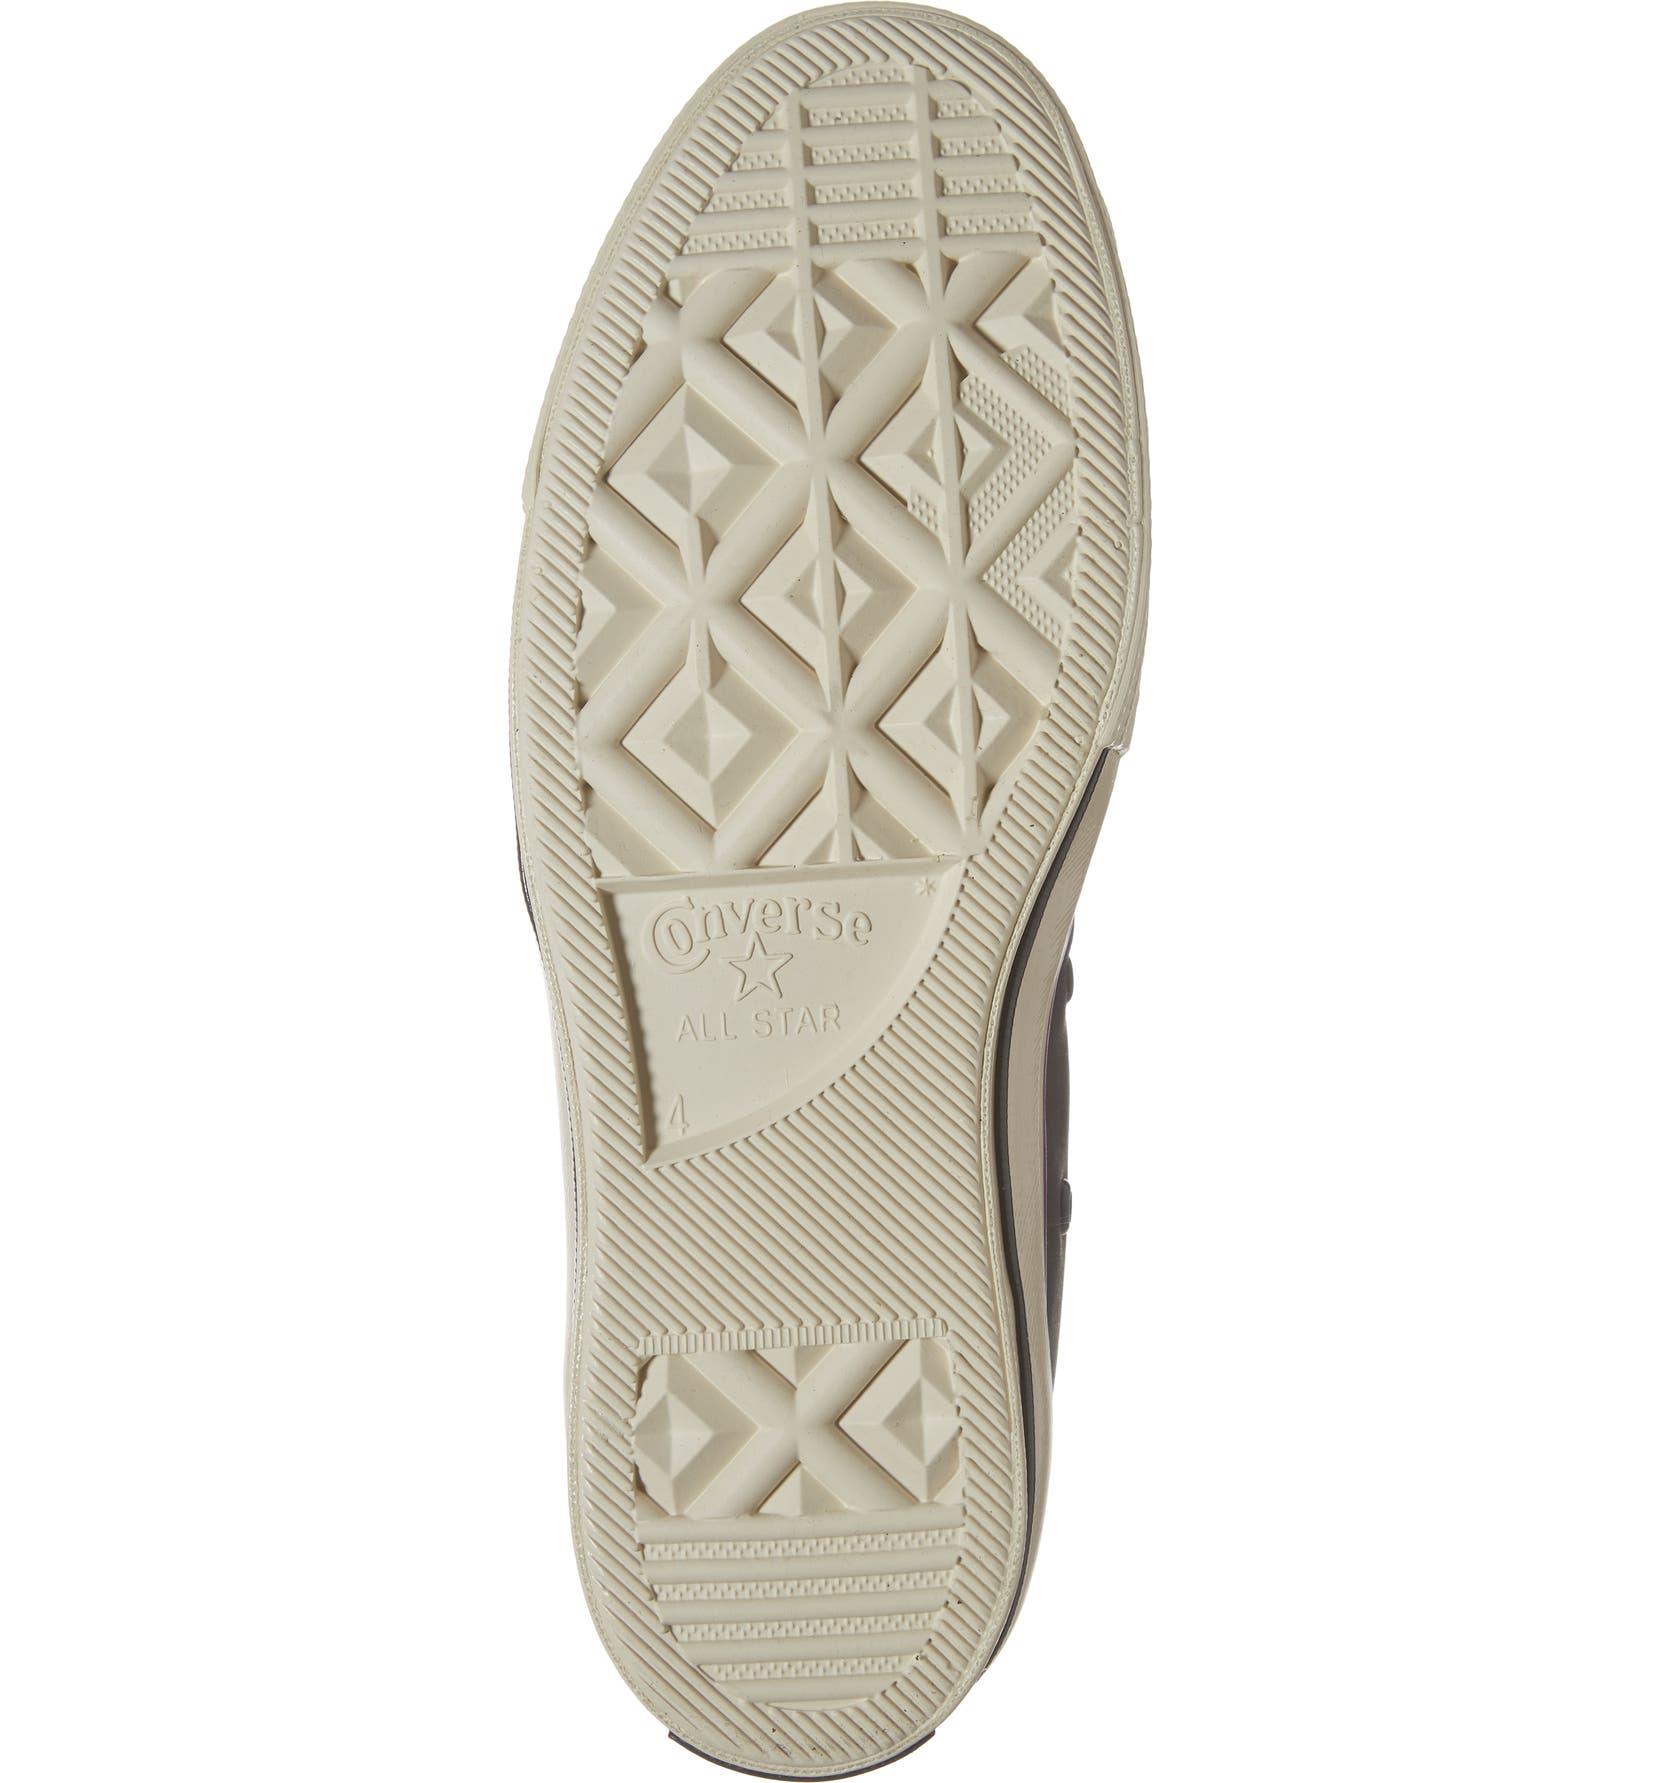 83e276888154 Converse Chuck Taylor® All Star® CT 70 Street Warmer High Top Sneaker  (Women)